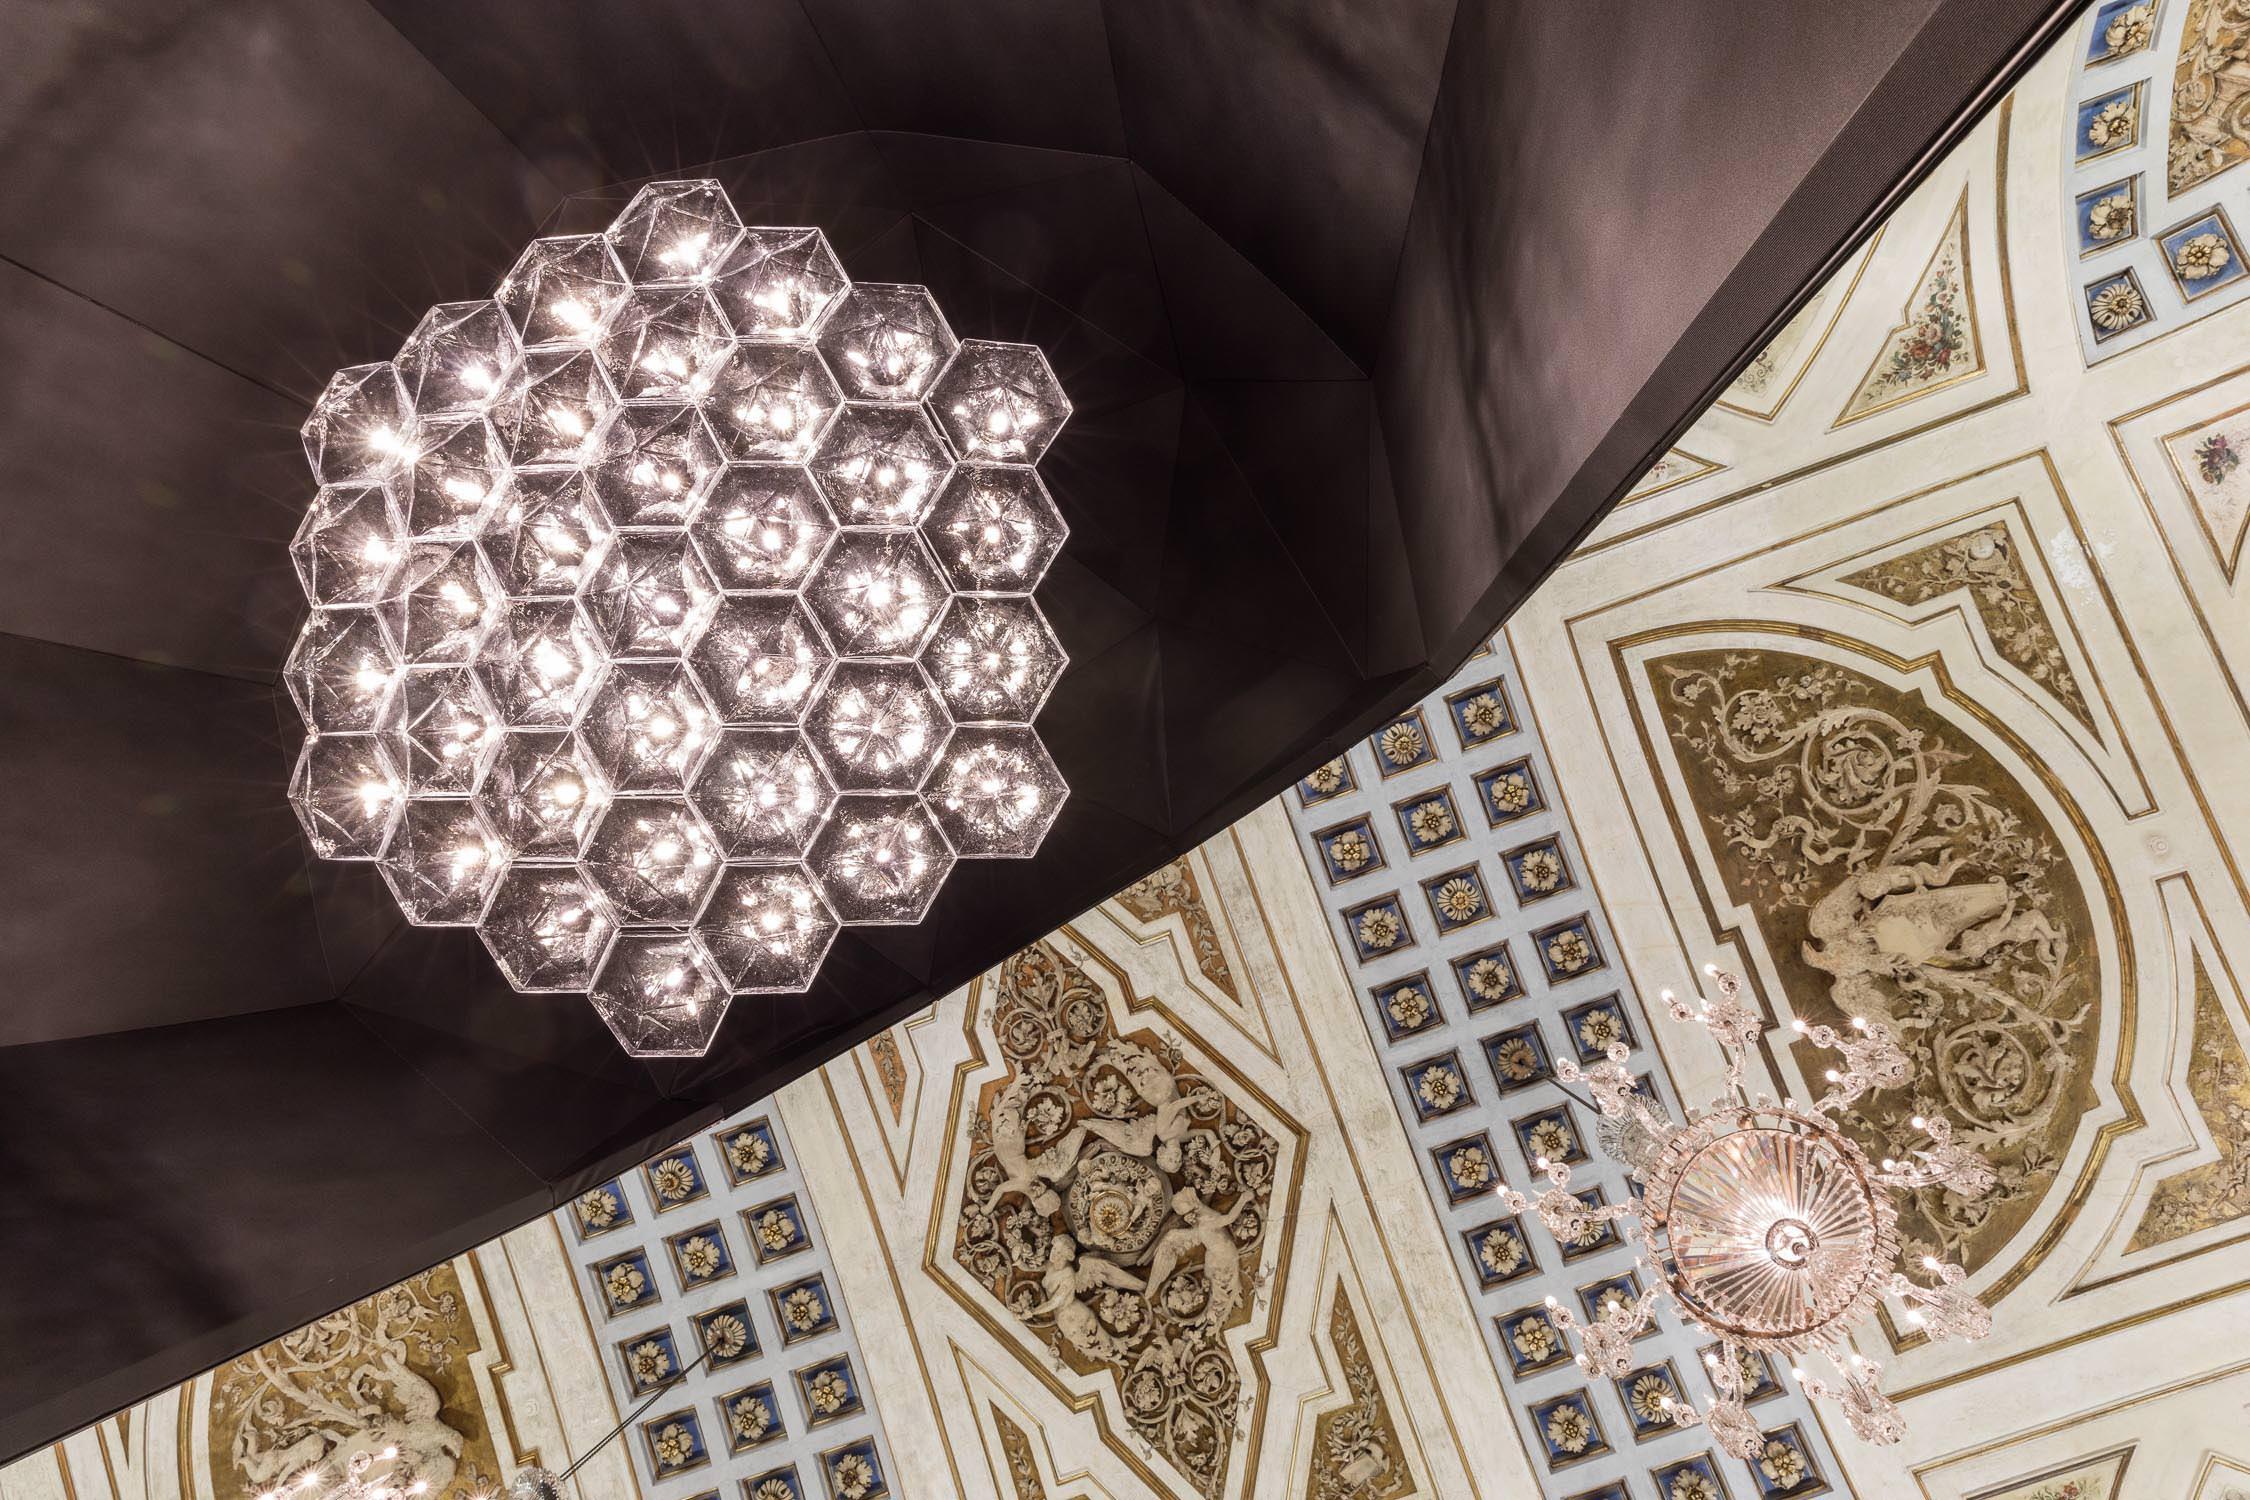 FACET deMoritz Waldemeyer  Avec FACET, Moritz Waldemeyer soumet le verre à sa volonté et donne vie à des structures modulaires régulières et organisées. Chaque module est utilisé seul en suspension ou combiné avec d'autres modules pour créer un grand lustre hexagonal dont la forme évoque celle d'un diamant. Moritz Waldemeyer a systématisé la fabrication de ce luminaire qui se distingue par sa clarté, sa rigueur et sa géométrie. Grâce à une source lumineuse intégrée à chaque module, ce système est universel et extensible à l'infini.